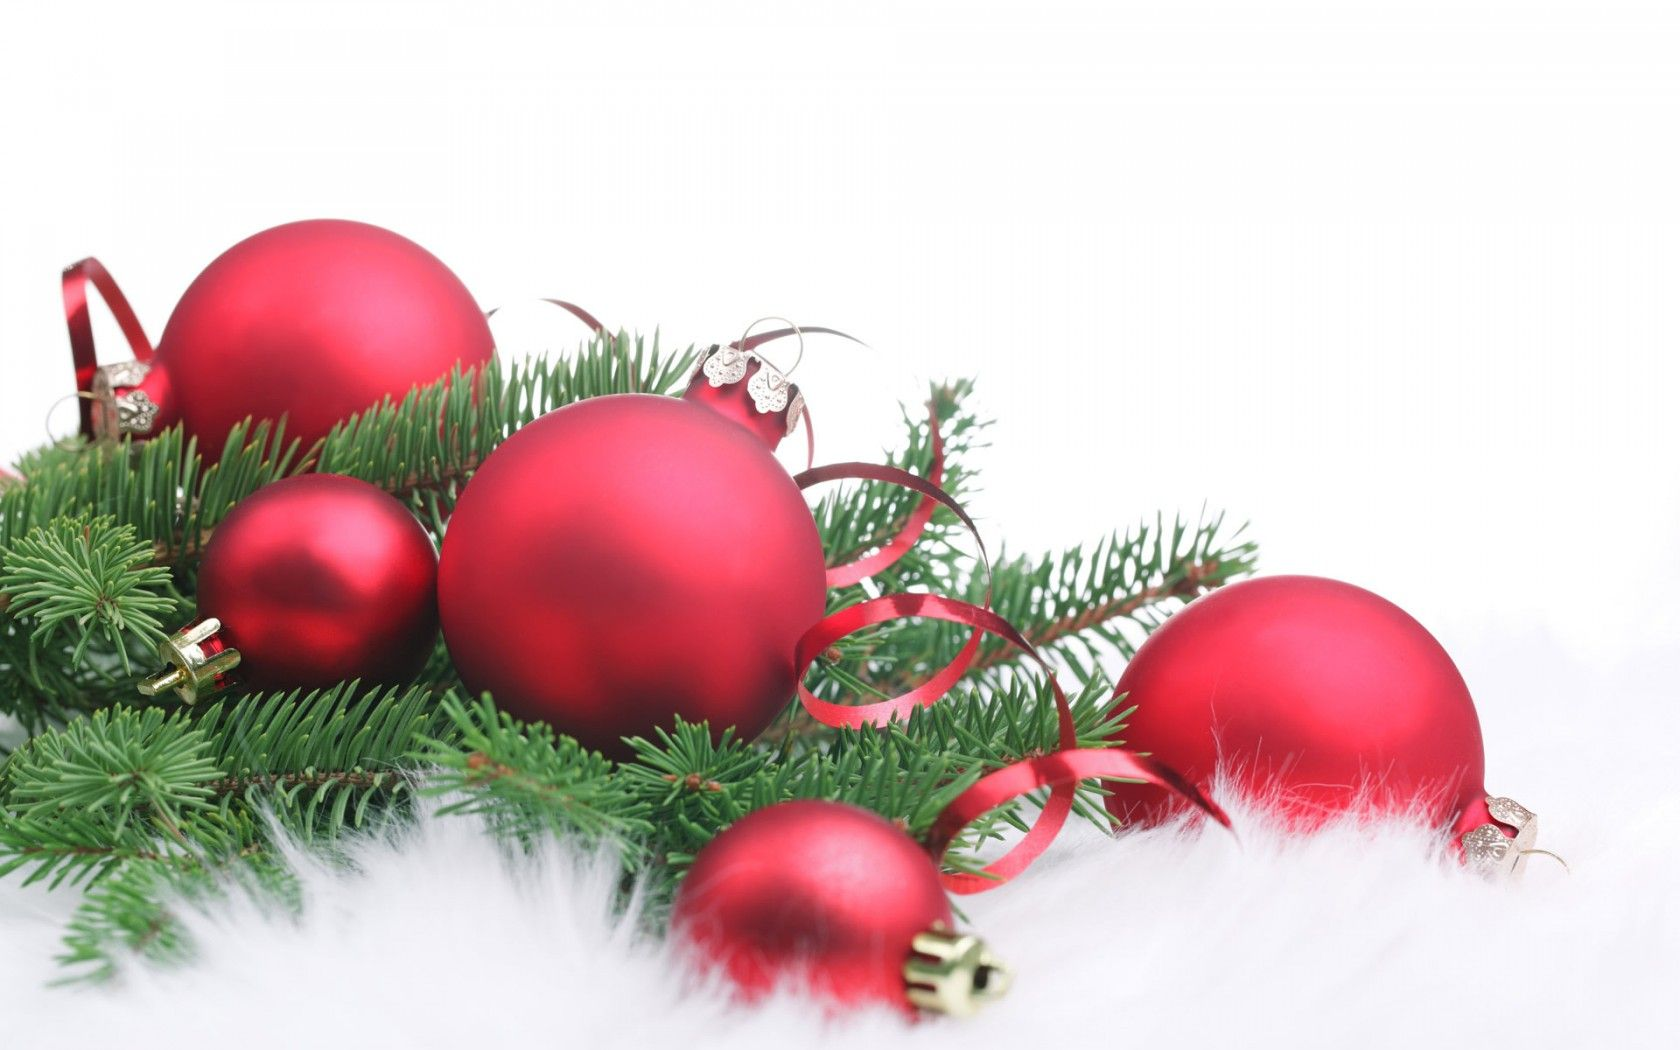 новый год, рождество, игрушки, шары, хвоя, мех, белый фон, серпантин